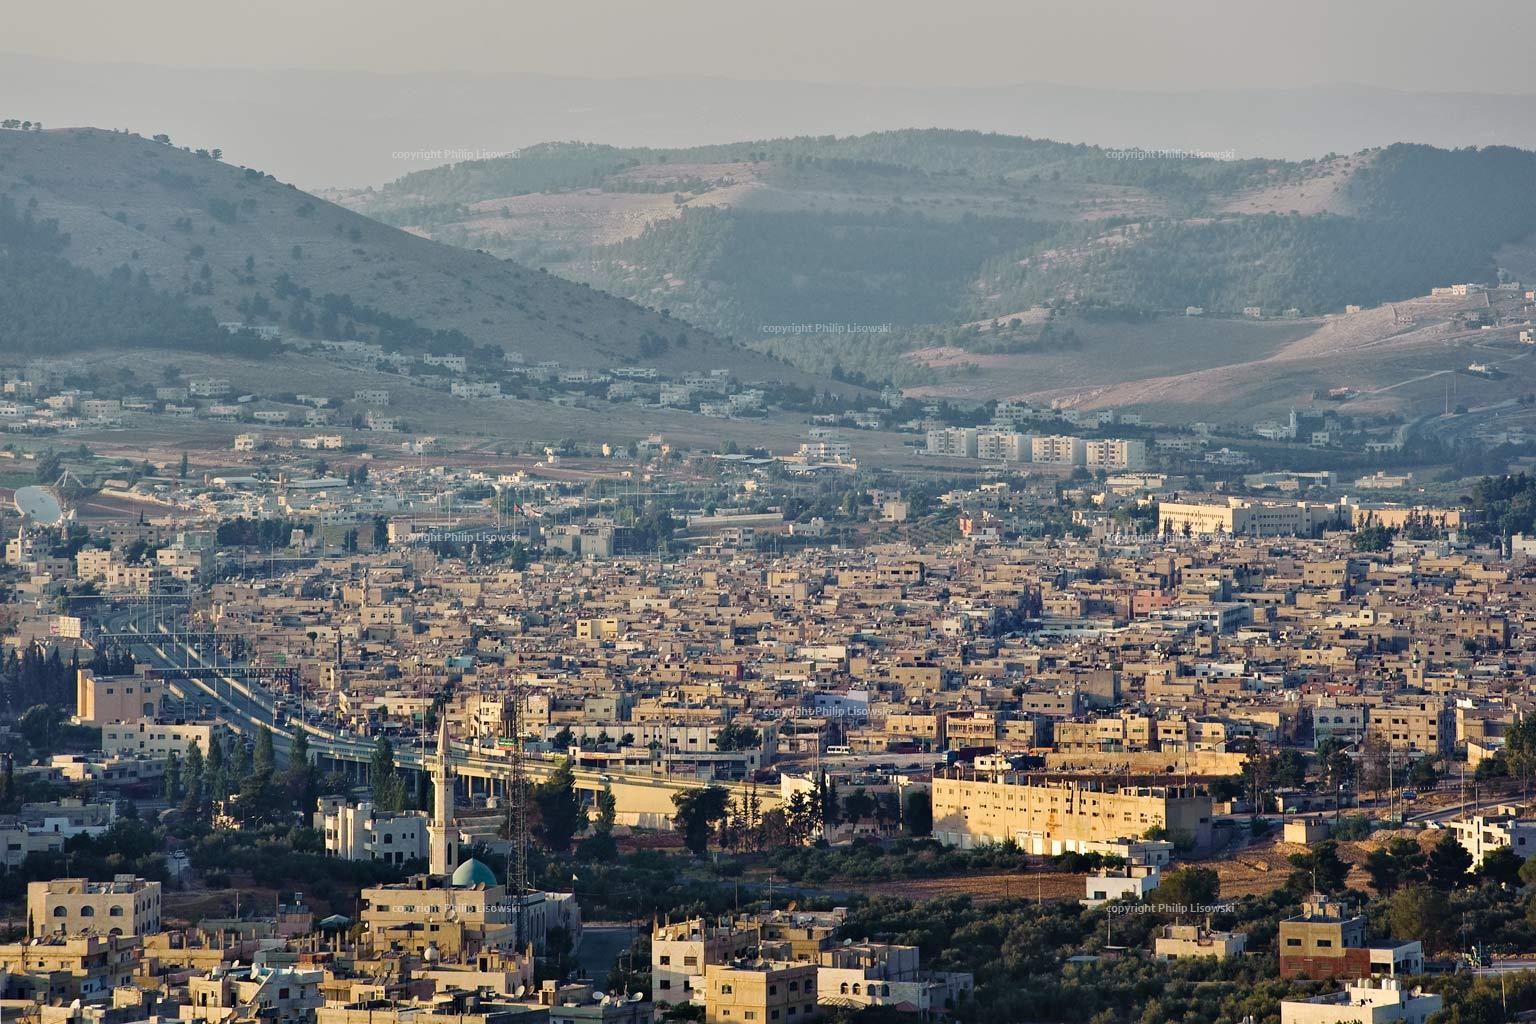 Baqaa Fluechtlingslager in Amman, Jordanien